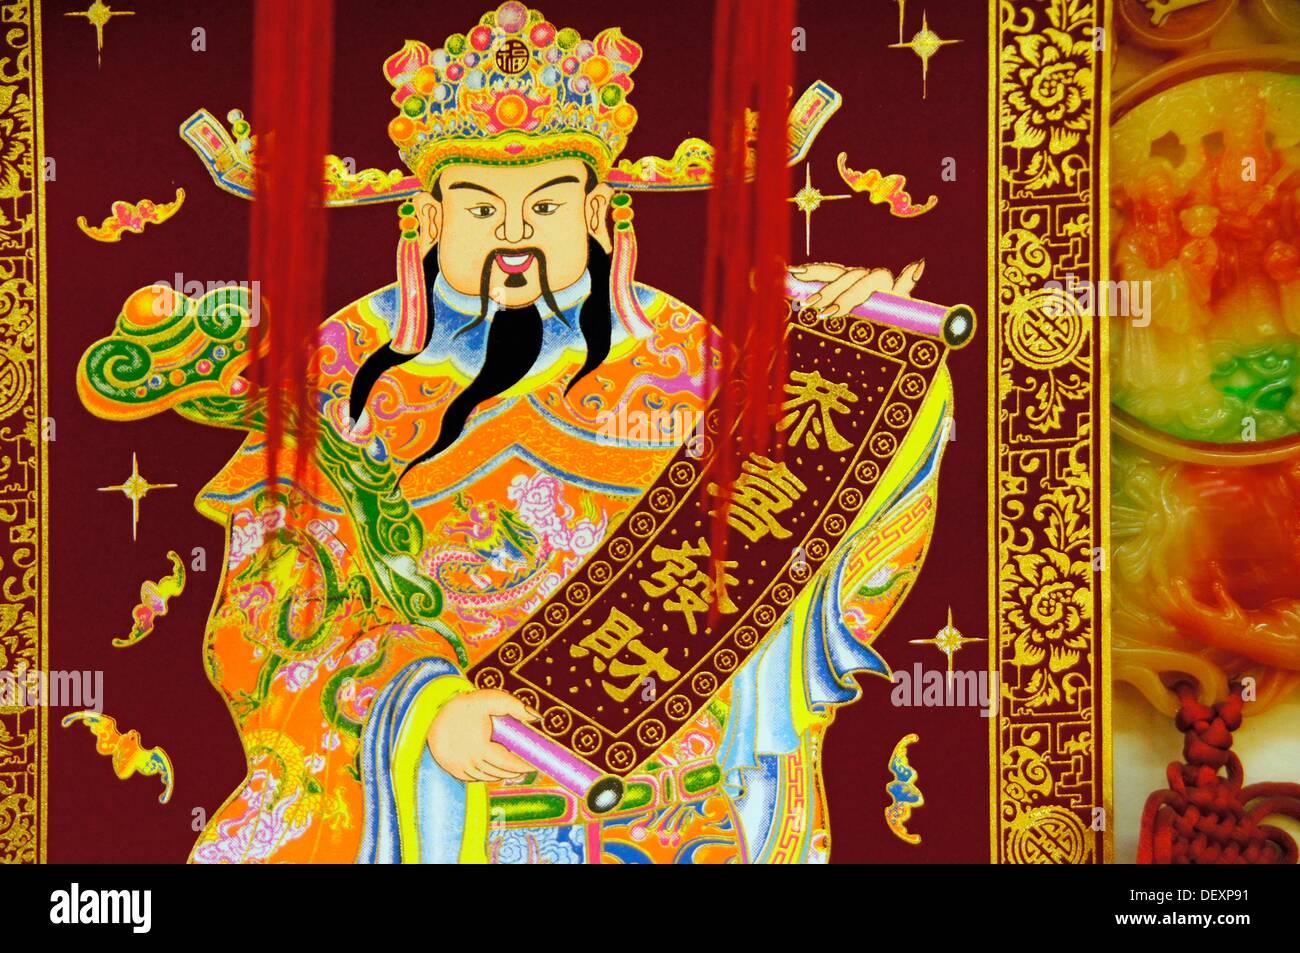 Religious item, Buddhism, China - Stock Image